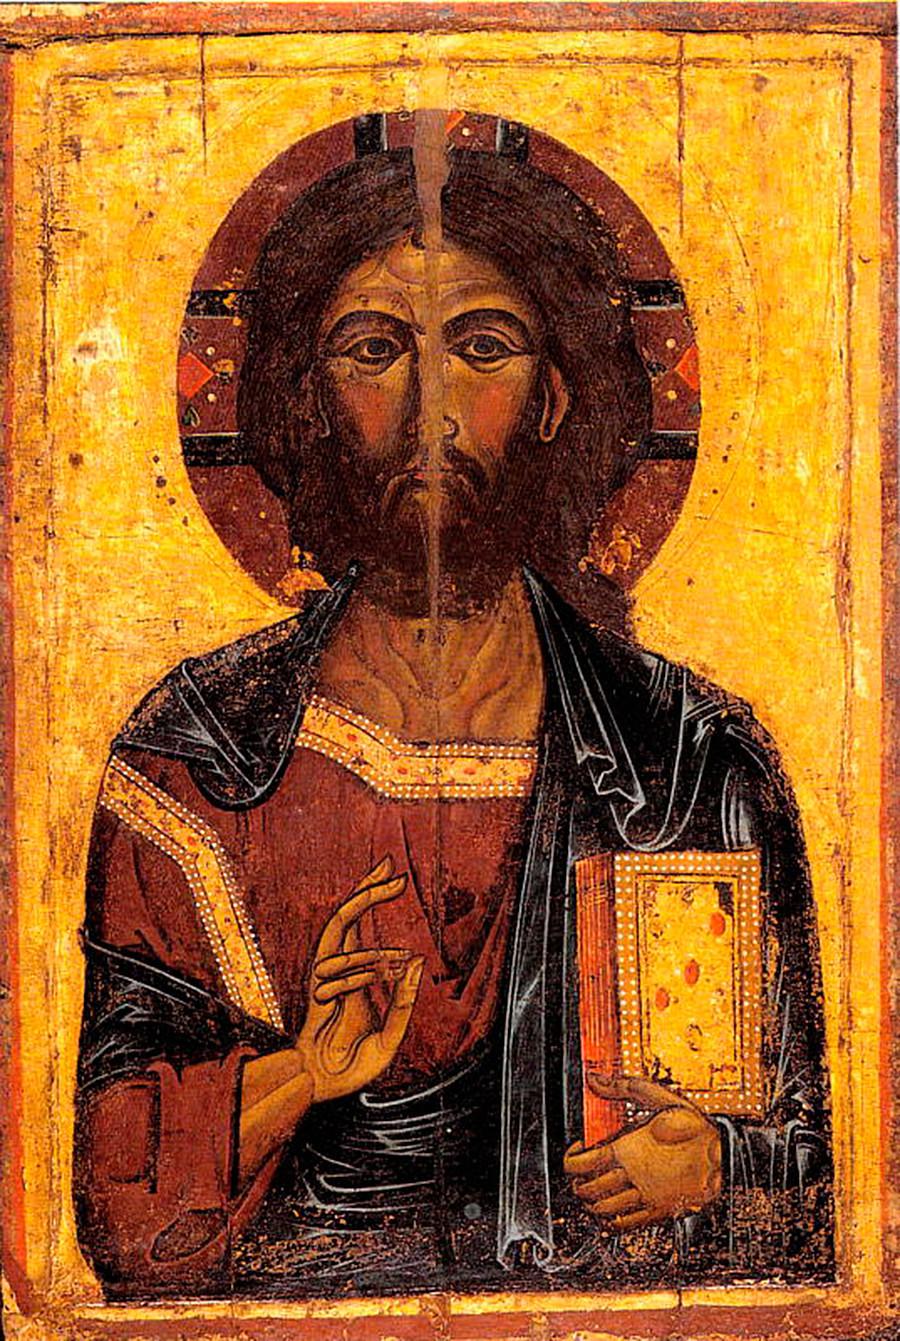 Najstarejši predmet v muzeju: ikona Kristusa Pantokratorja iz 13. stoletja iz Gavšinke (vas blizu mesta Jaroslavelj)